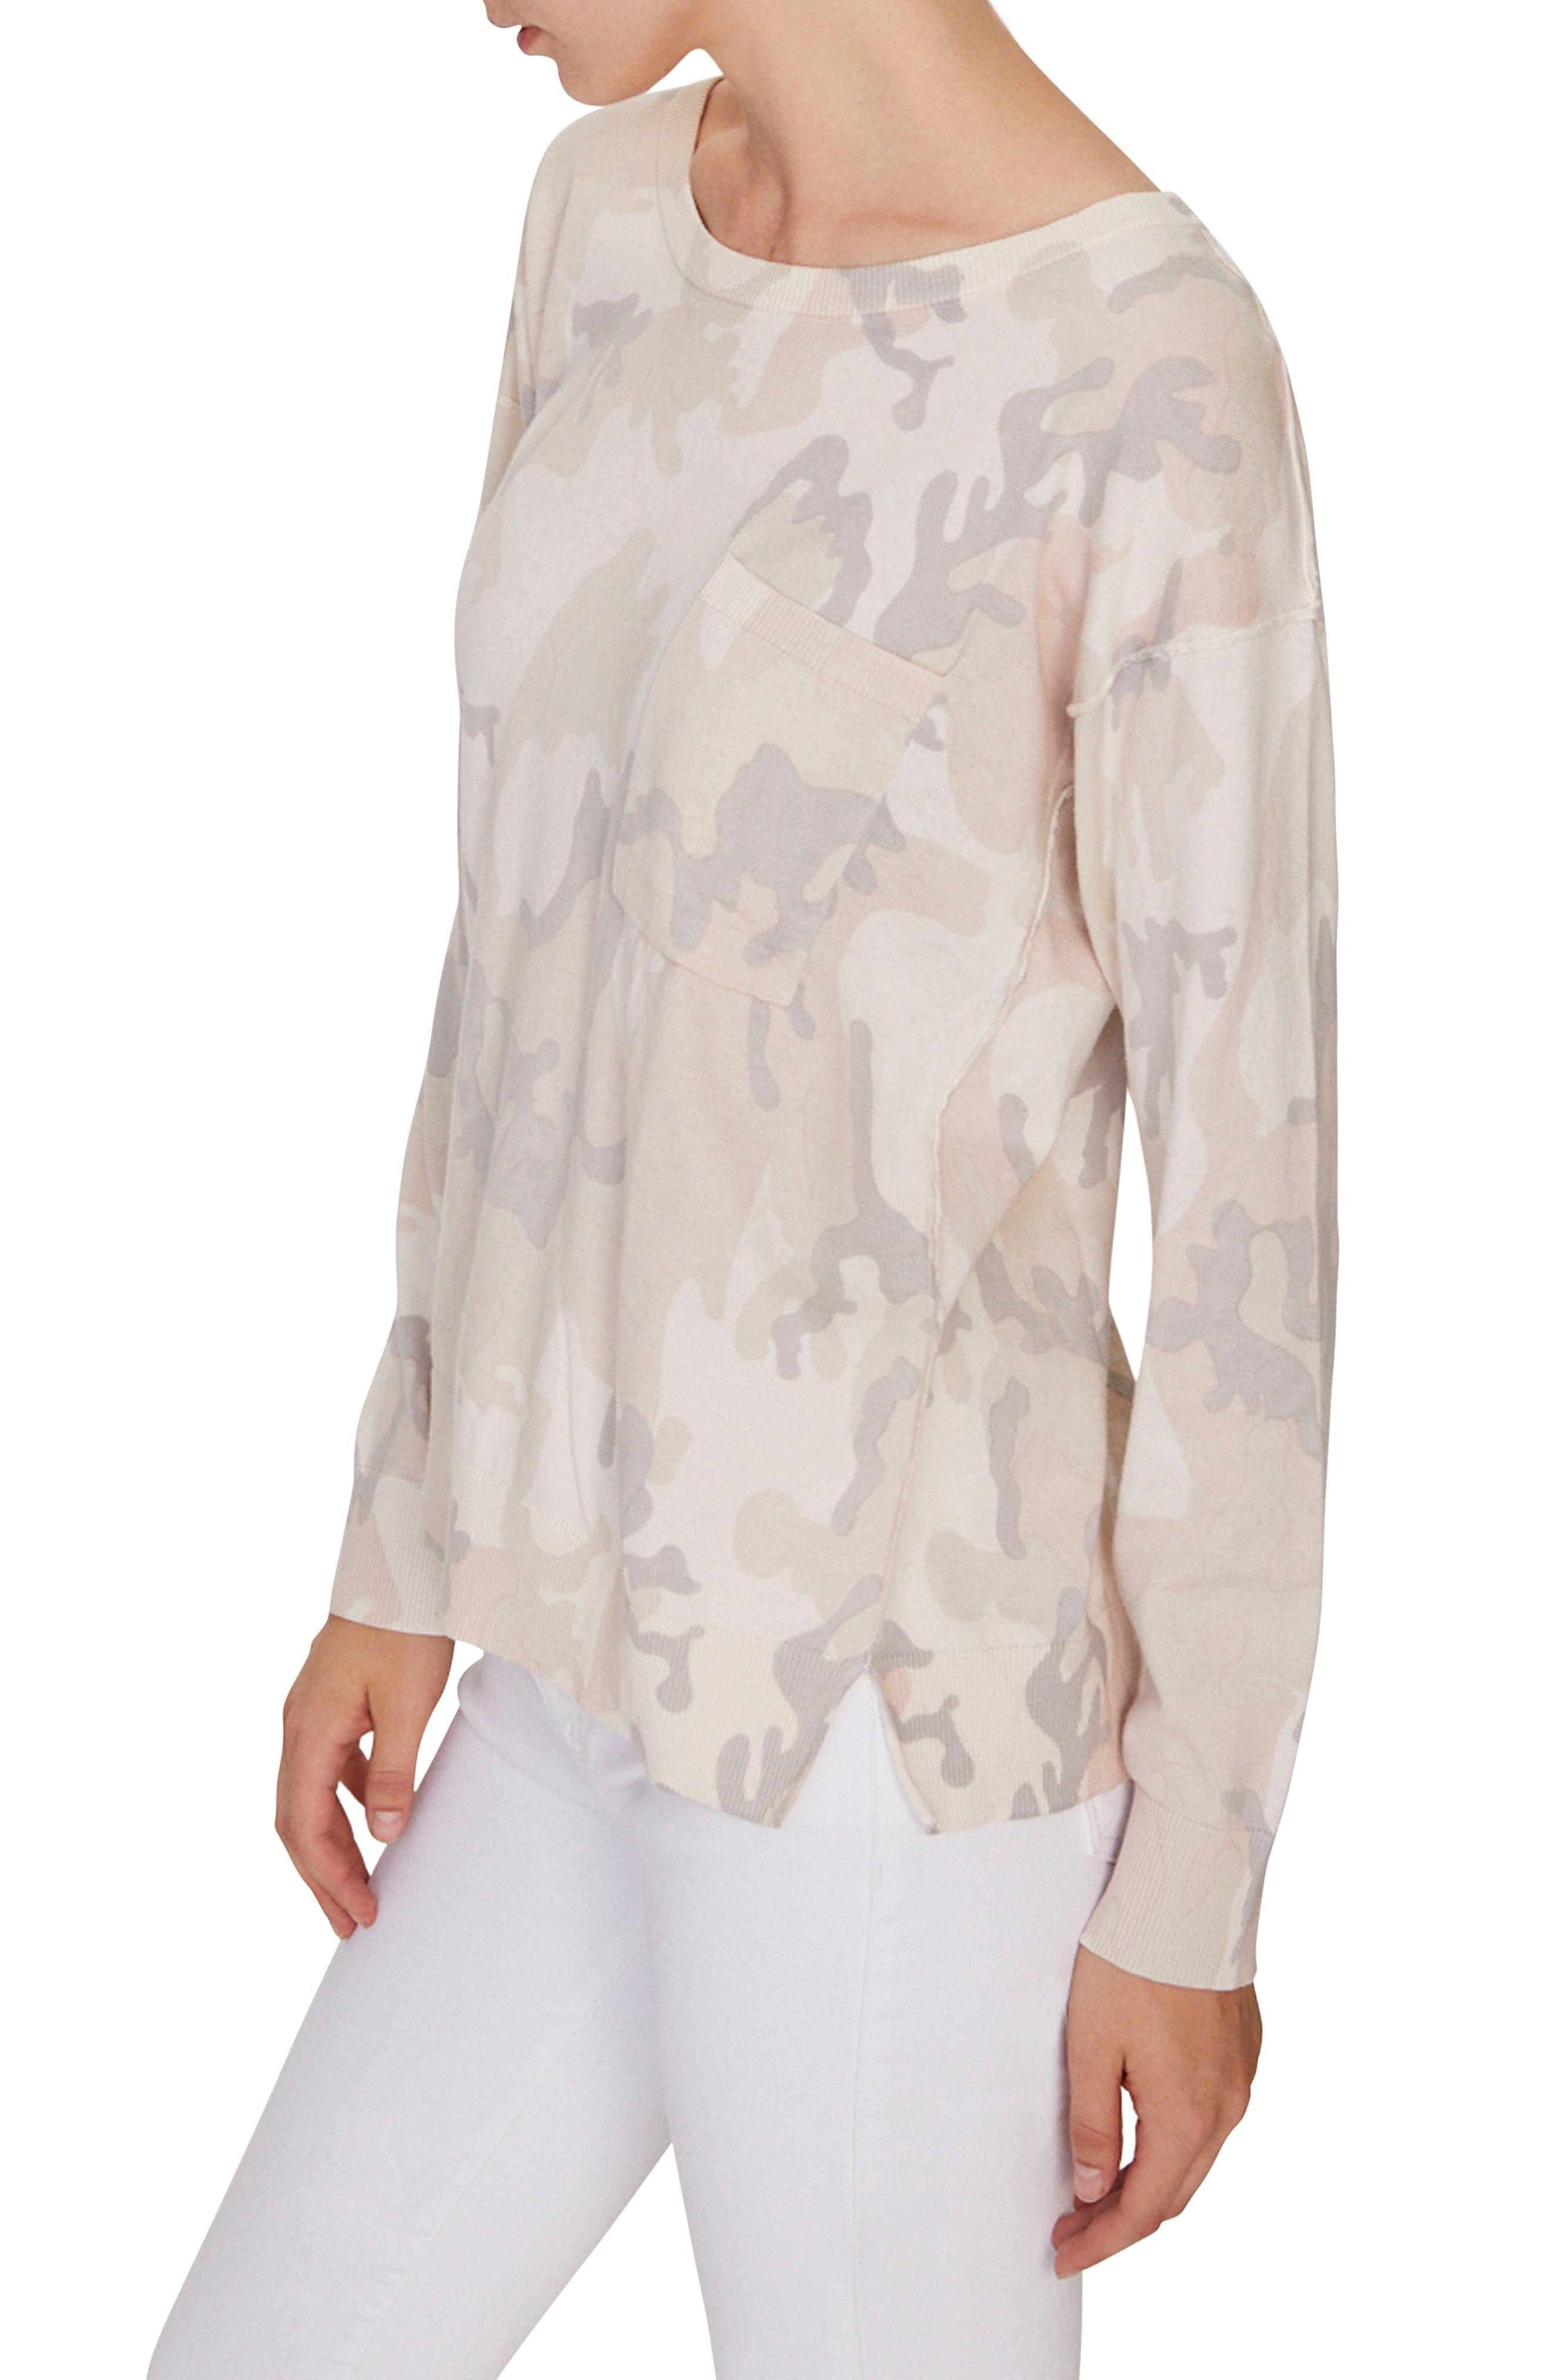 SANCTUARY,                             Pale Camo Cotton Blend Sweater,                             Alternate thumbnail 3, color,                             CHARM CAMO